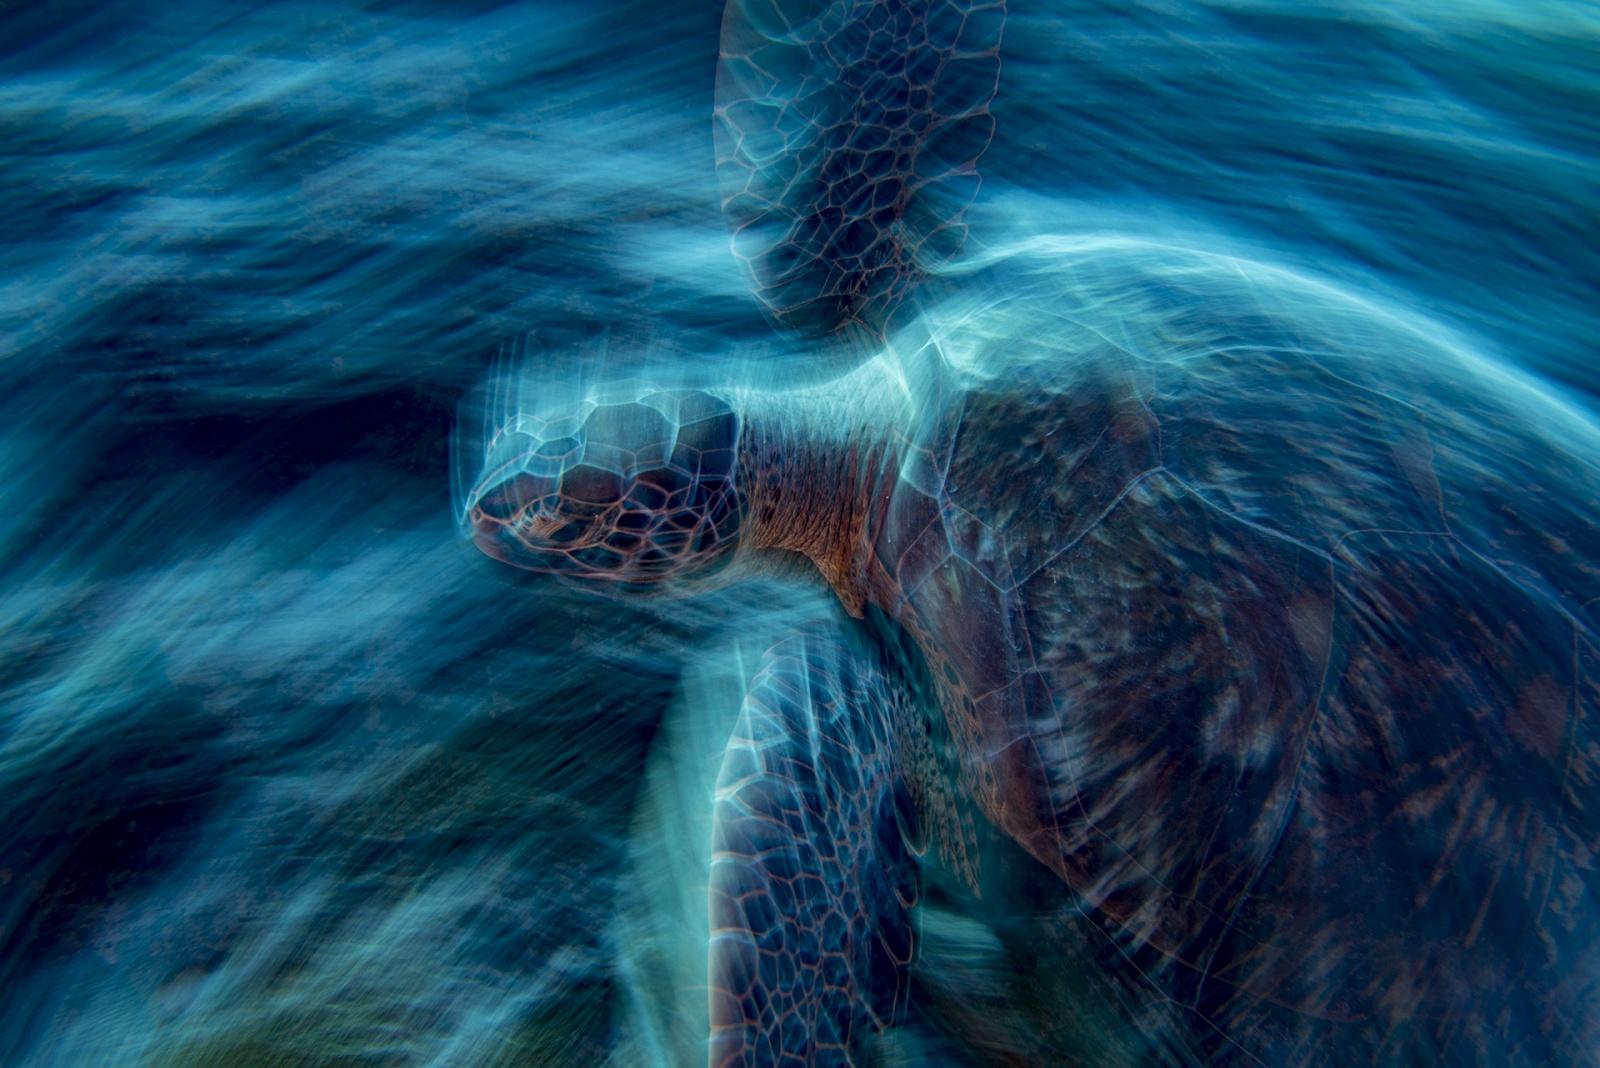 The Ghost Turtle - Scatto Vincitore categoria subacquea Asferico 2019, Finalista WPOTY 2019 e TPOTY 2018